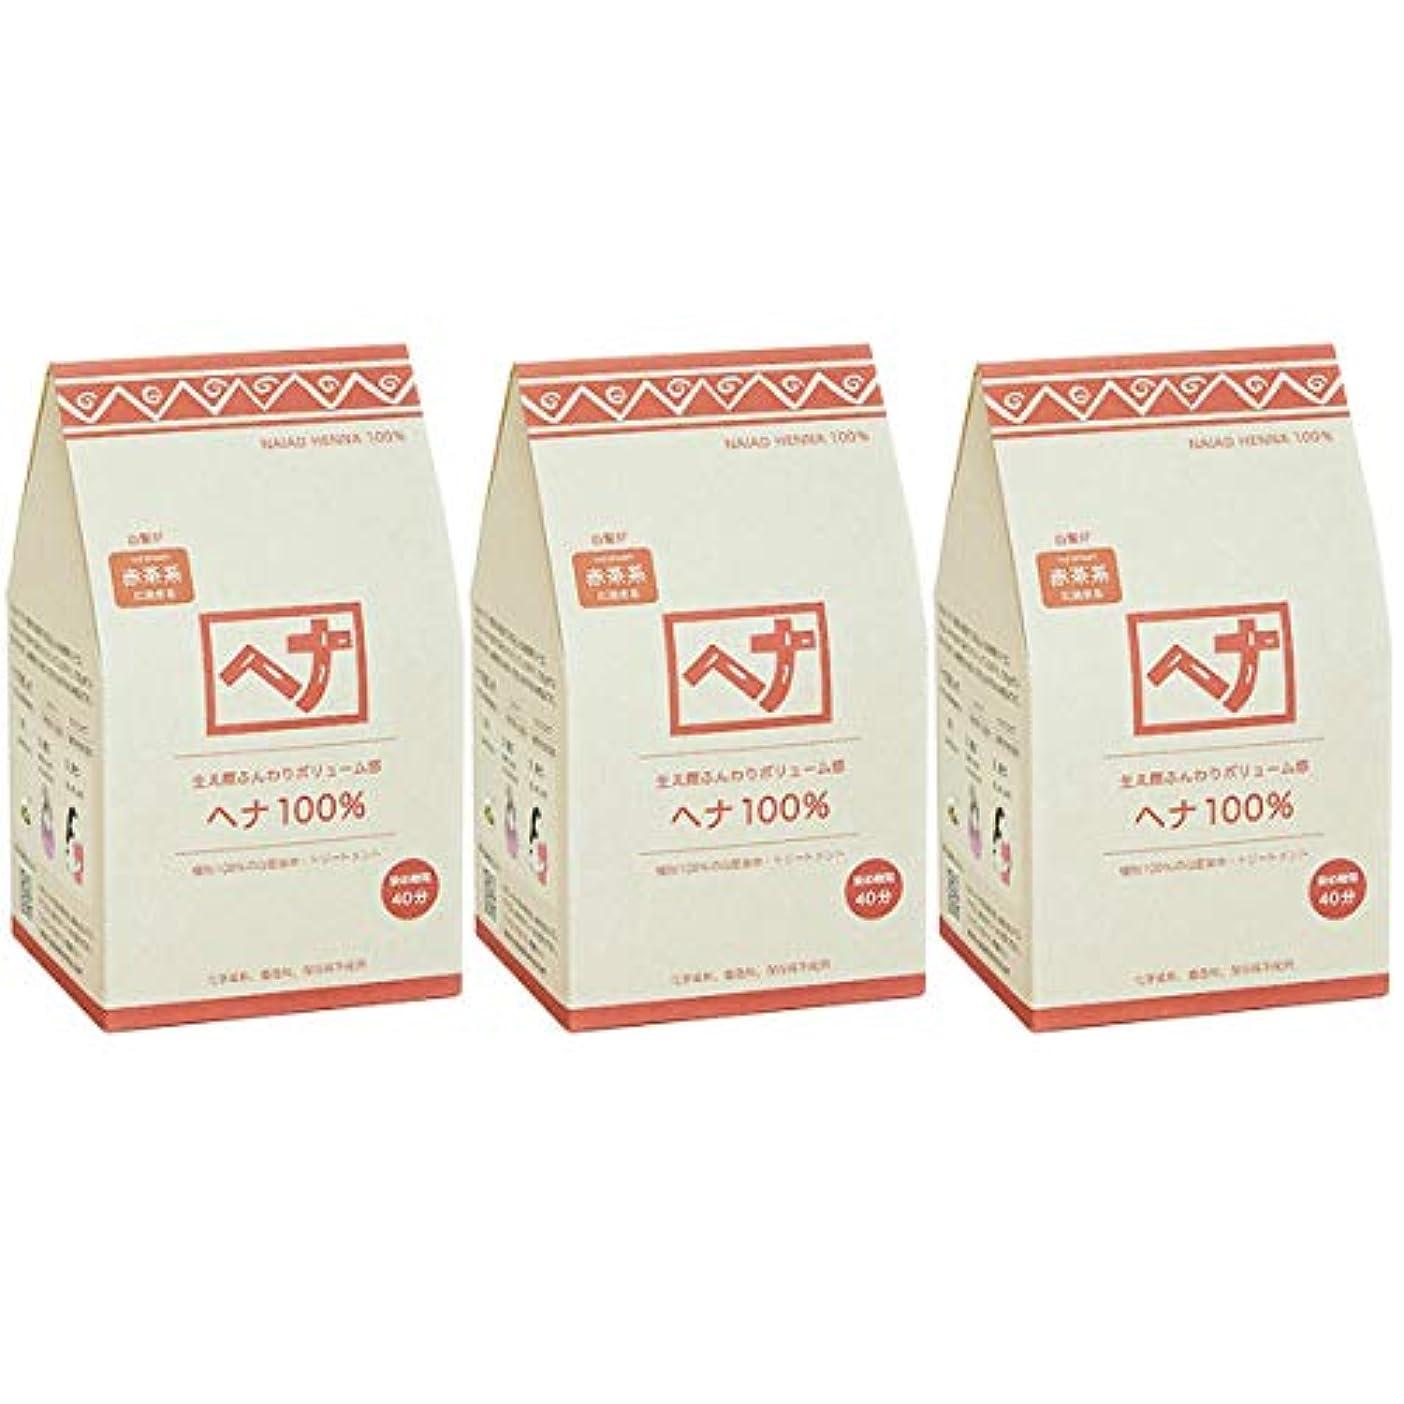 見捨てられた彫る戦略ナイアード ヘナ 100% 赤茶系 生え際ふんわりボリューム感 400g 3個セット